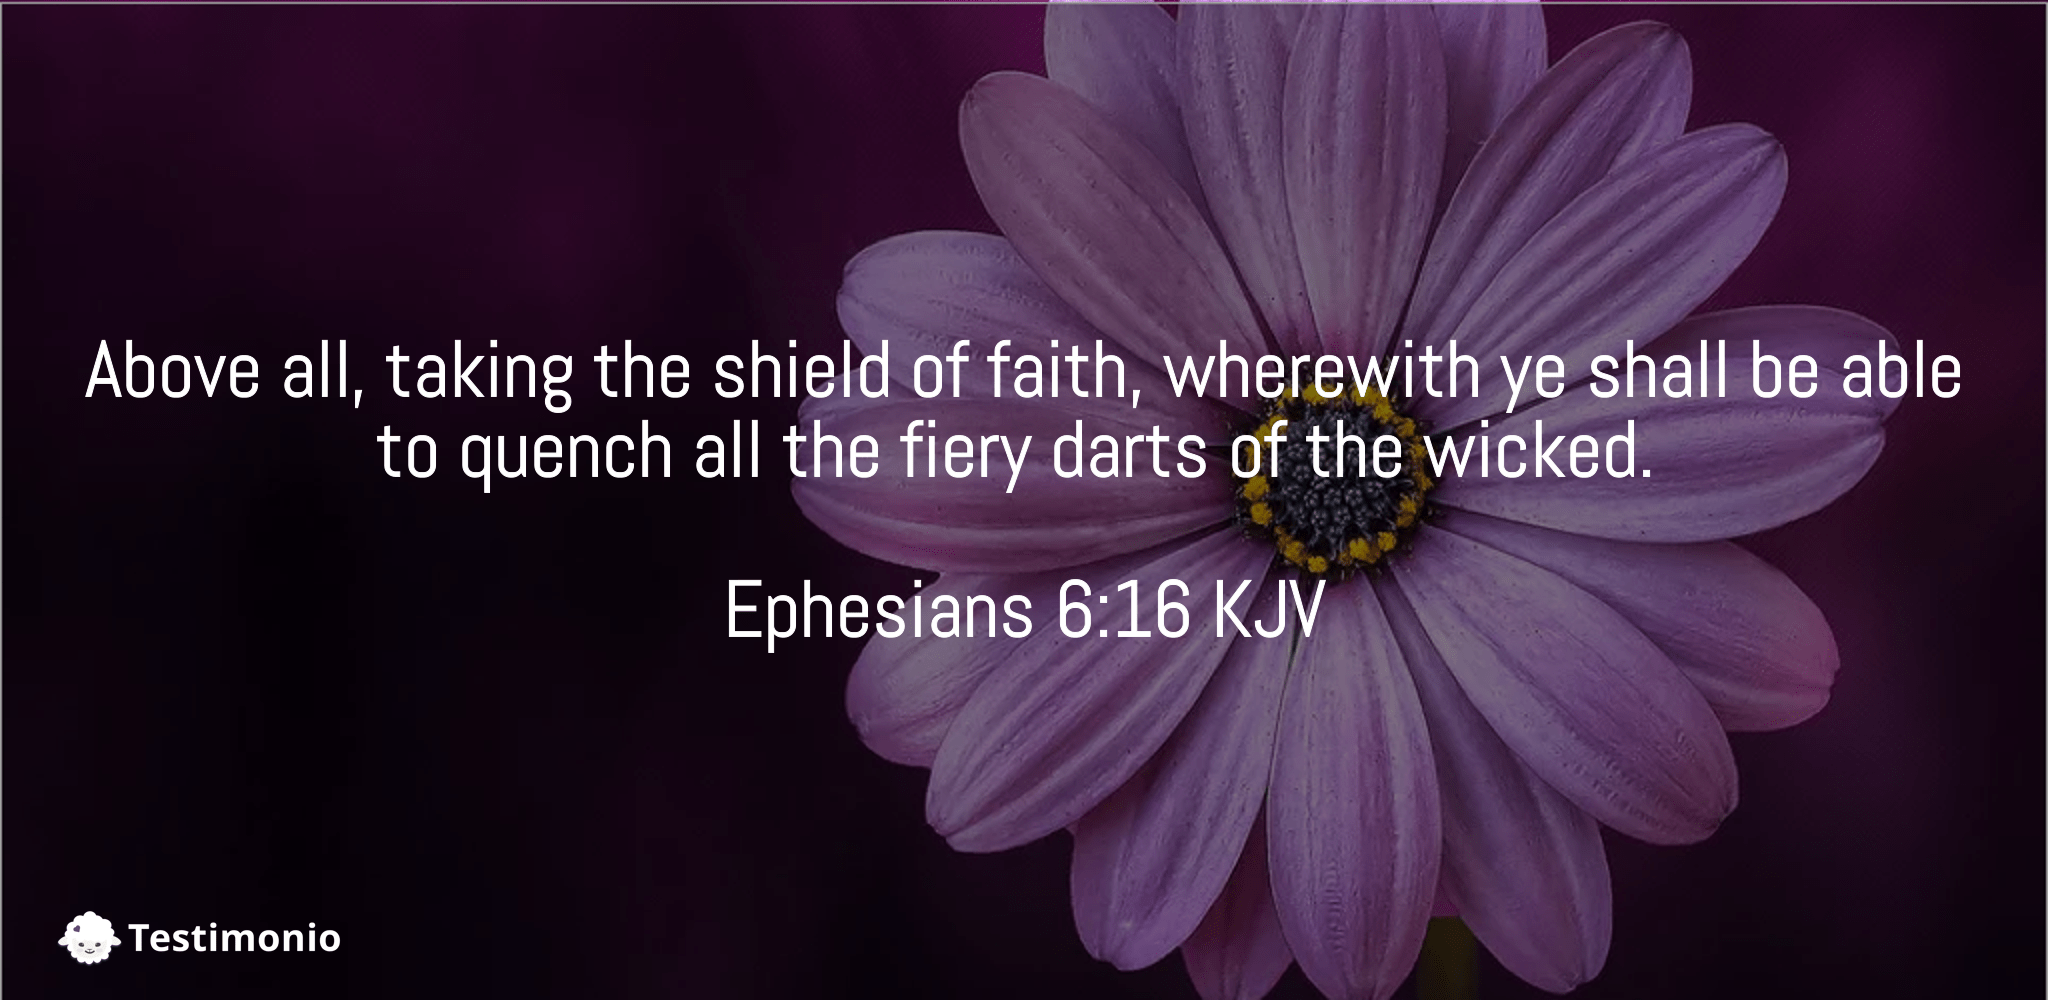 Ephesians 6:16